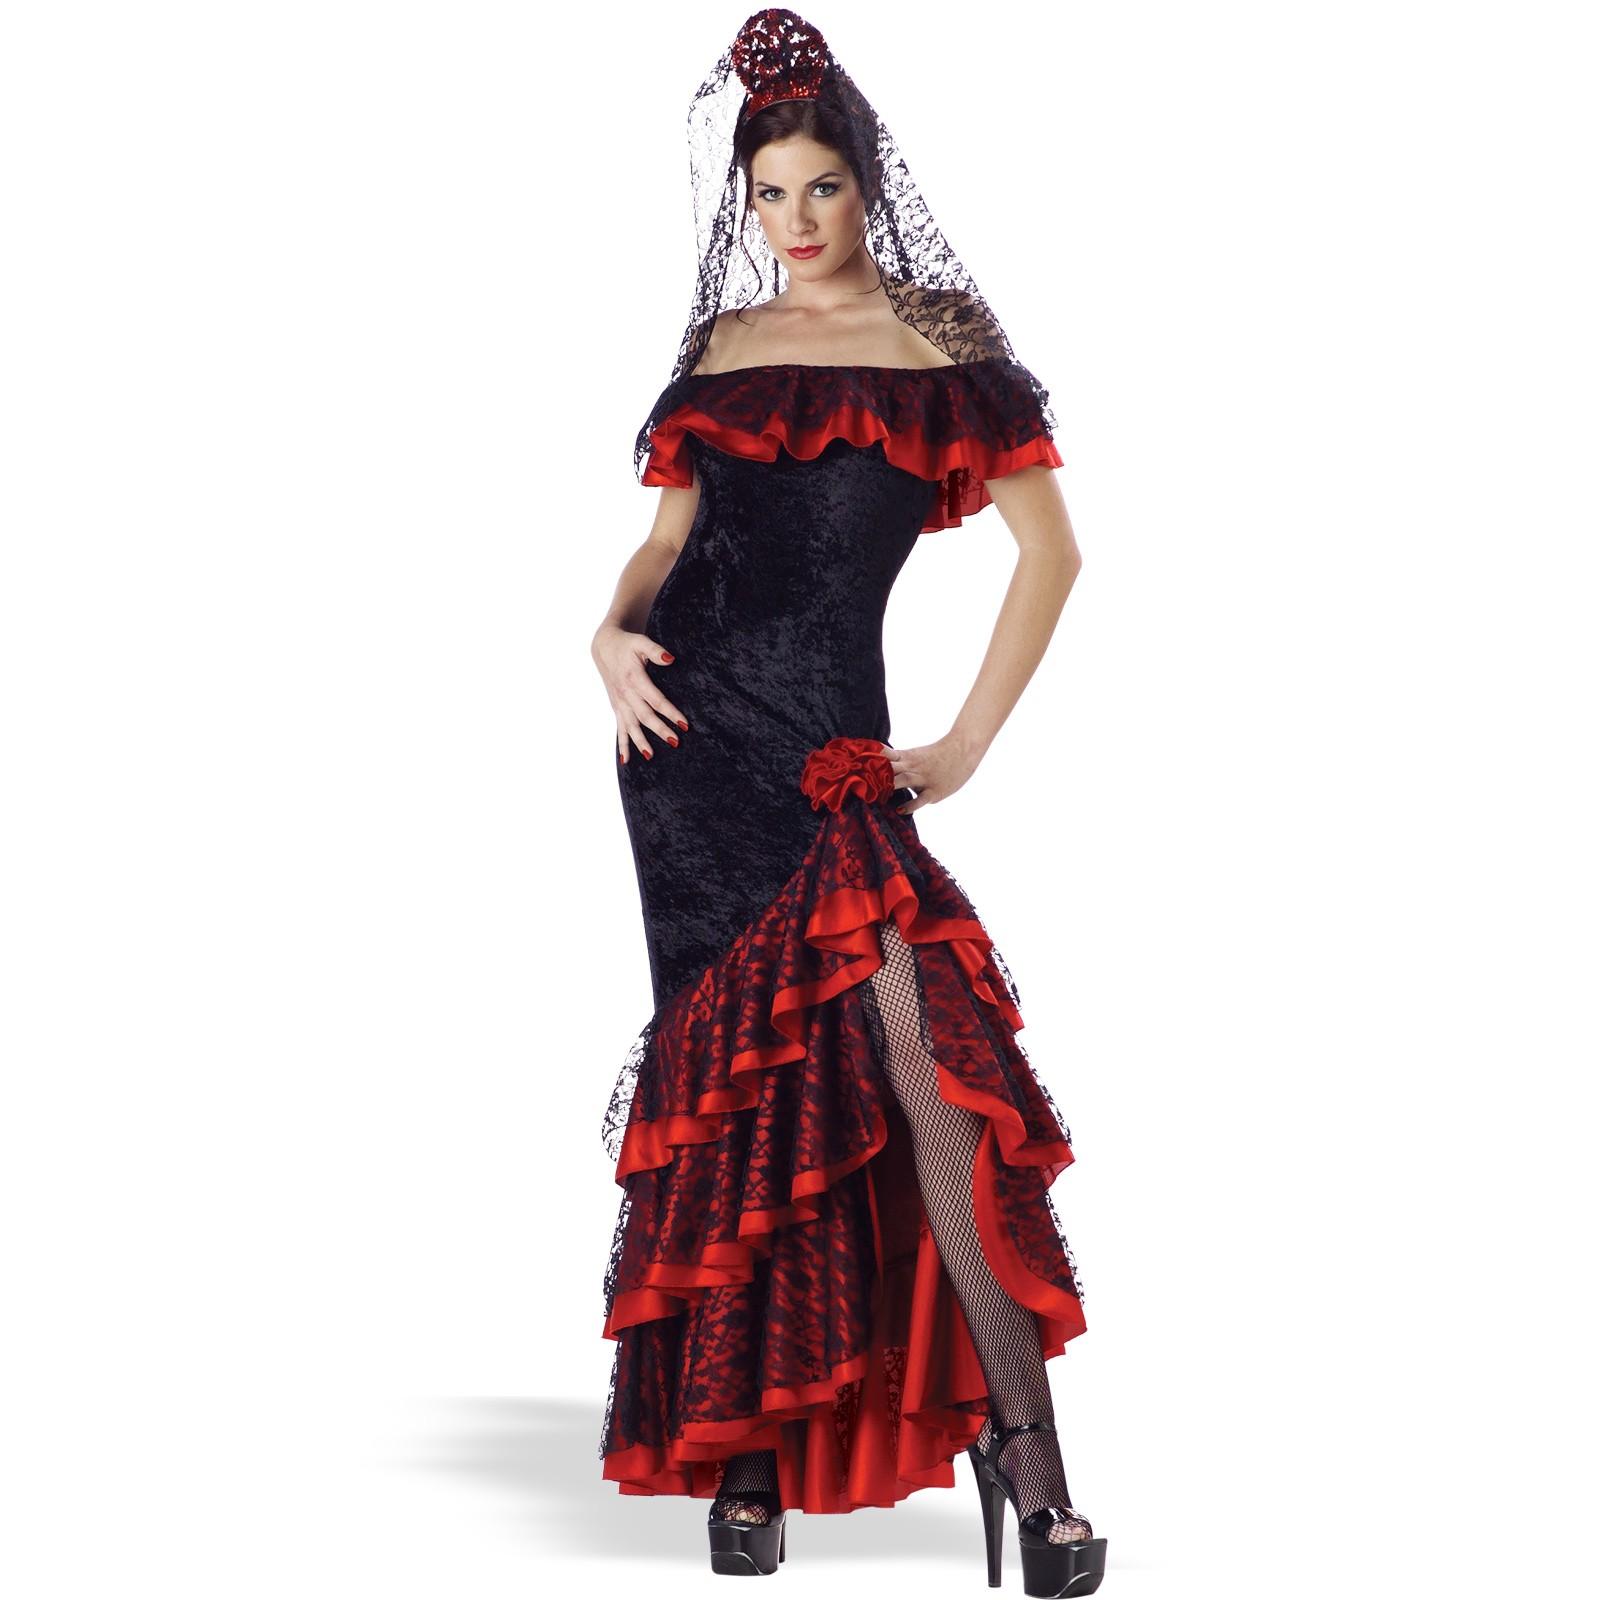 衣装 フラメンコ ドレス ダンス コスチューム 舞台 大人用